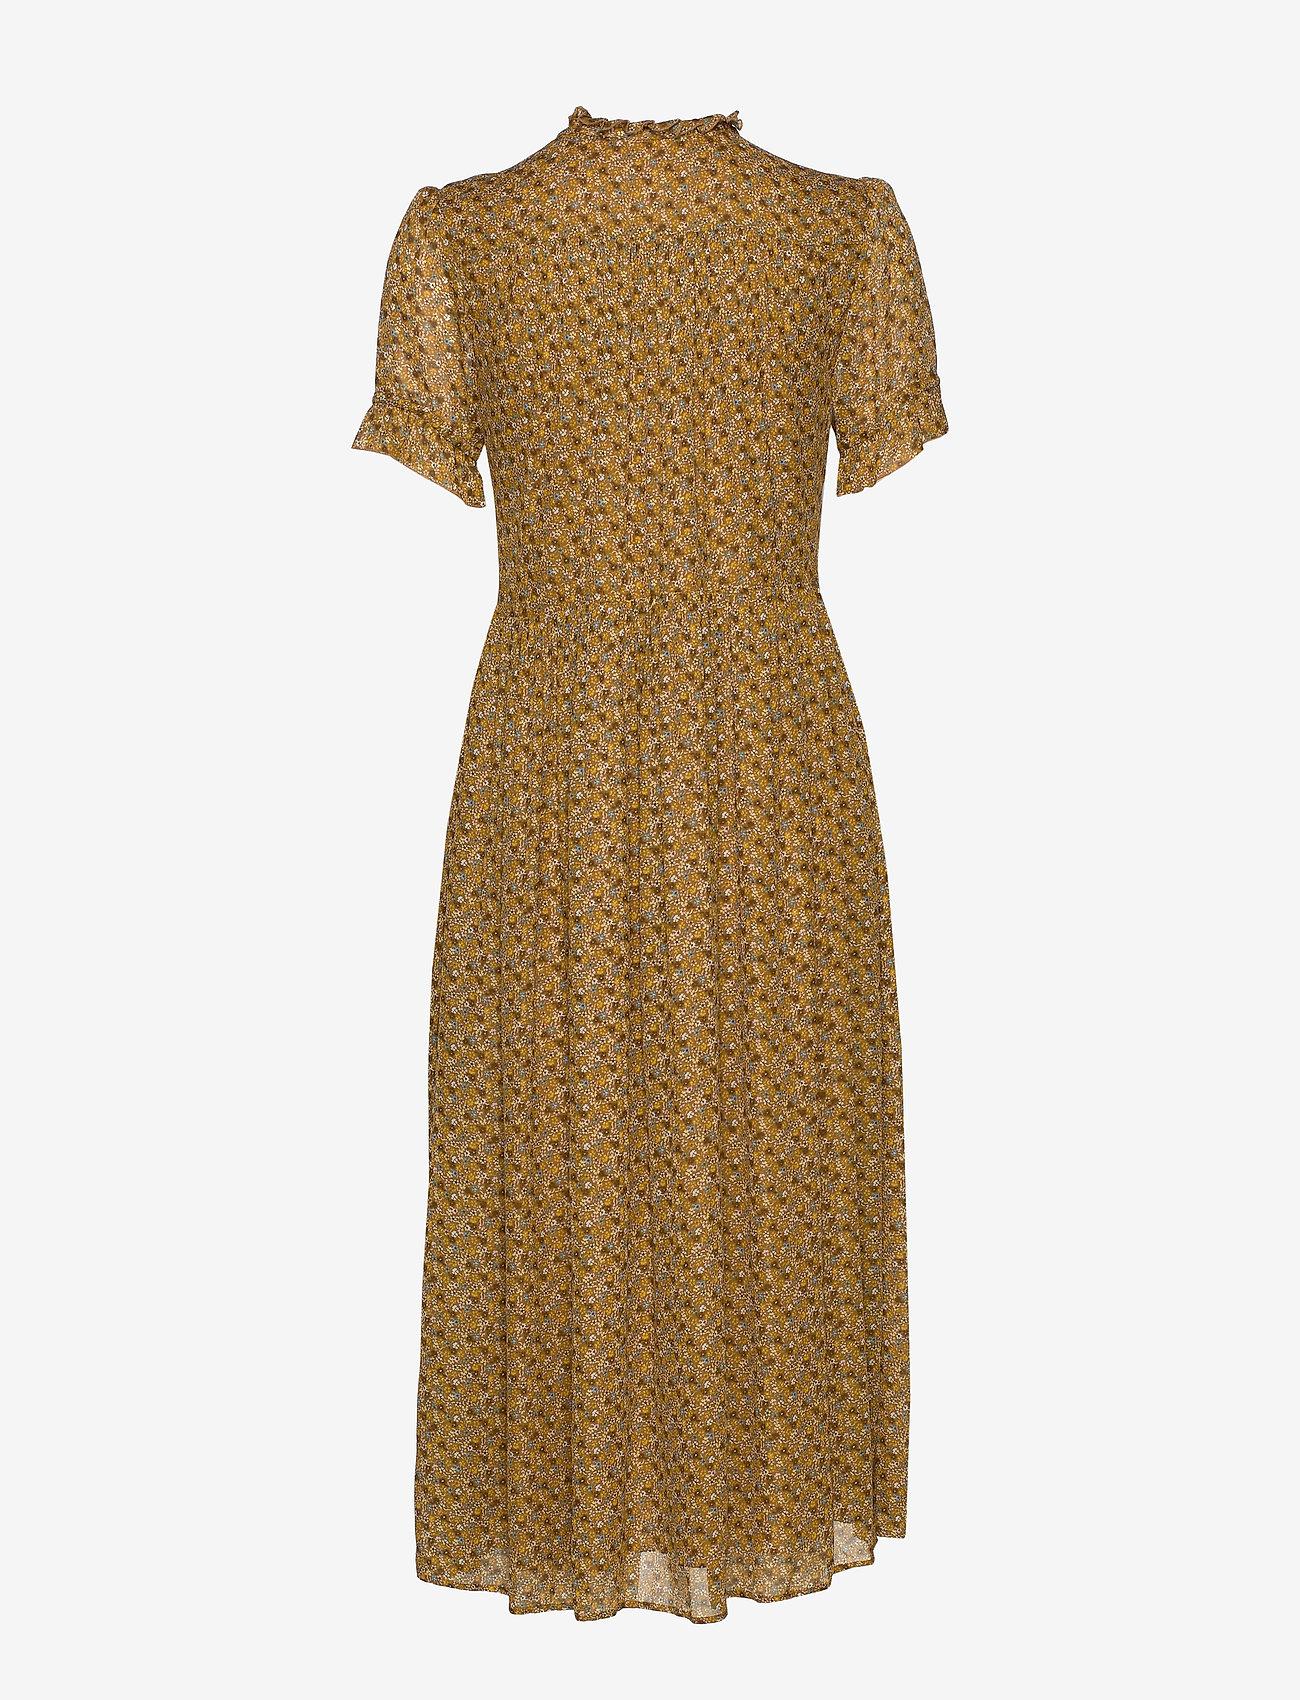 Rosella Dress Aop 9695 (Blossom) - Samsøe Samsøe ZNx4u4